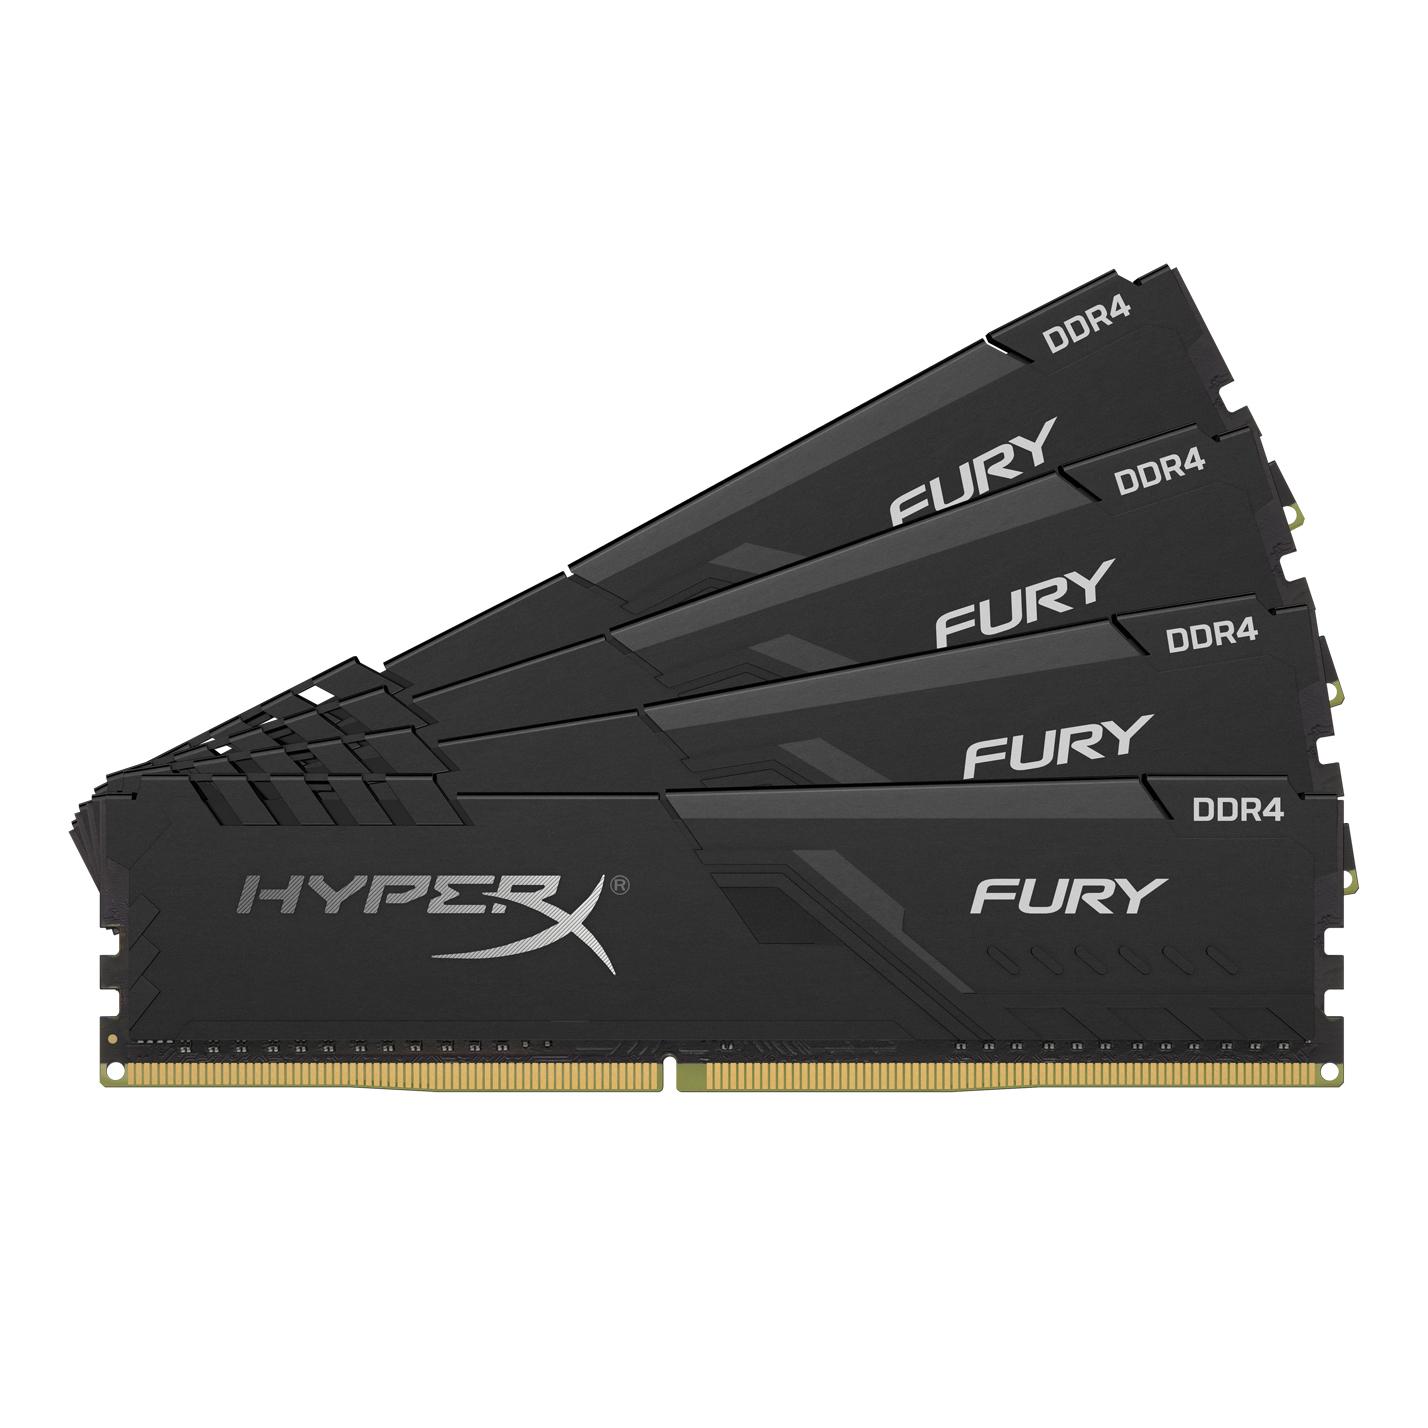 HyperX FURY HX436C17FB3K4/64 memory module 64 GB DDR4 3600 MHz